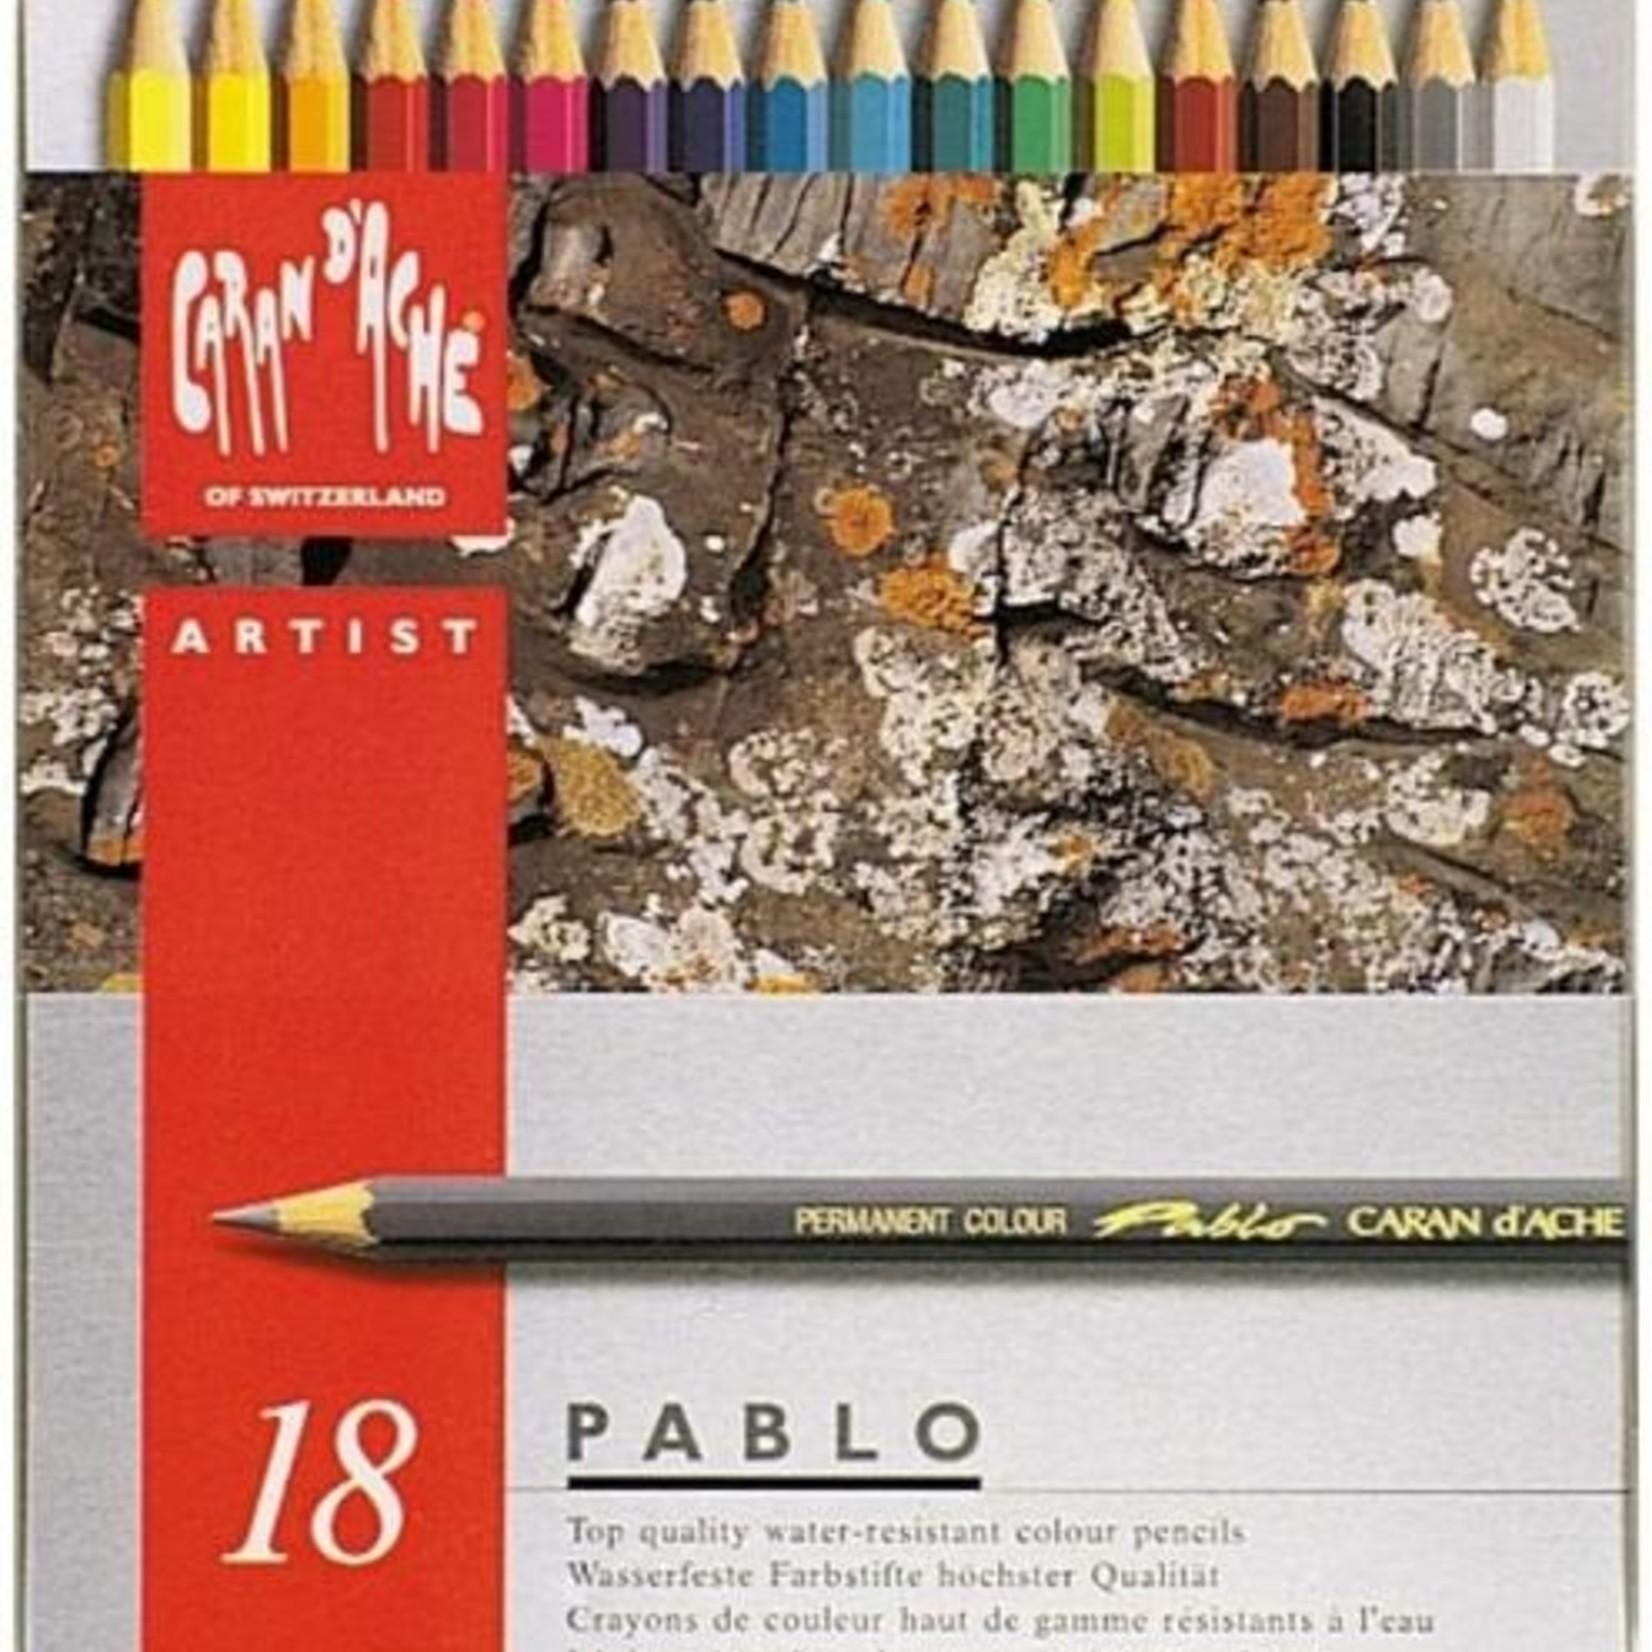 Caran d'Ache Caran d´Ache Pablo Künstlerfarbstifte 18